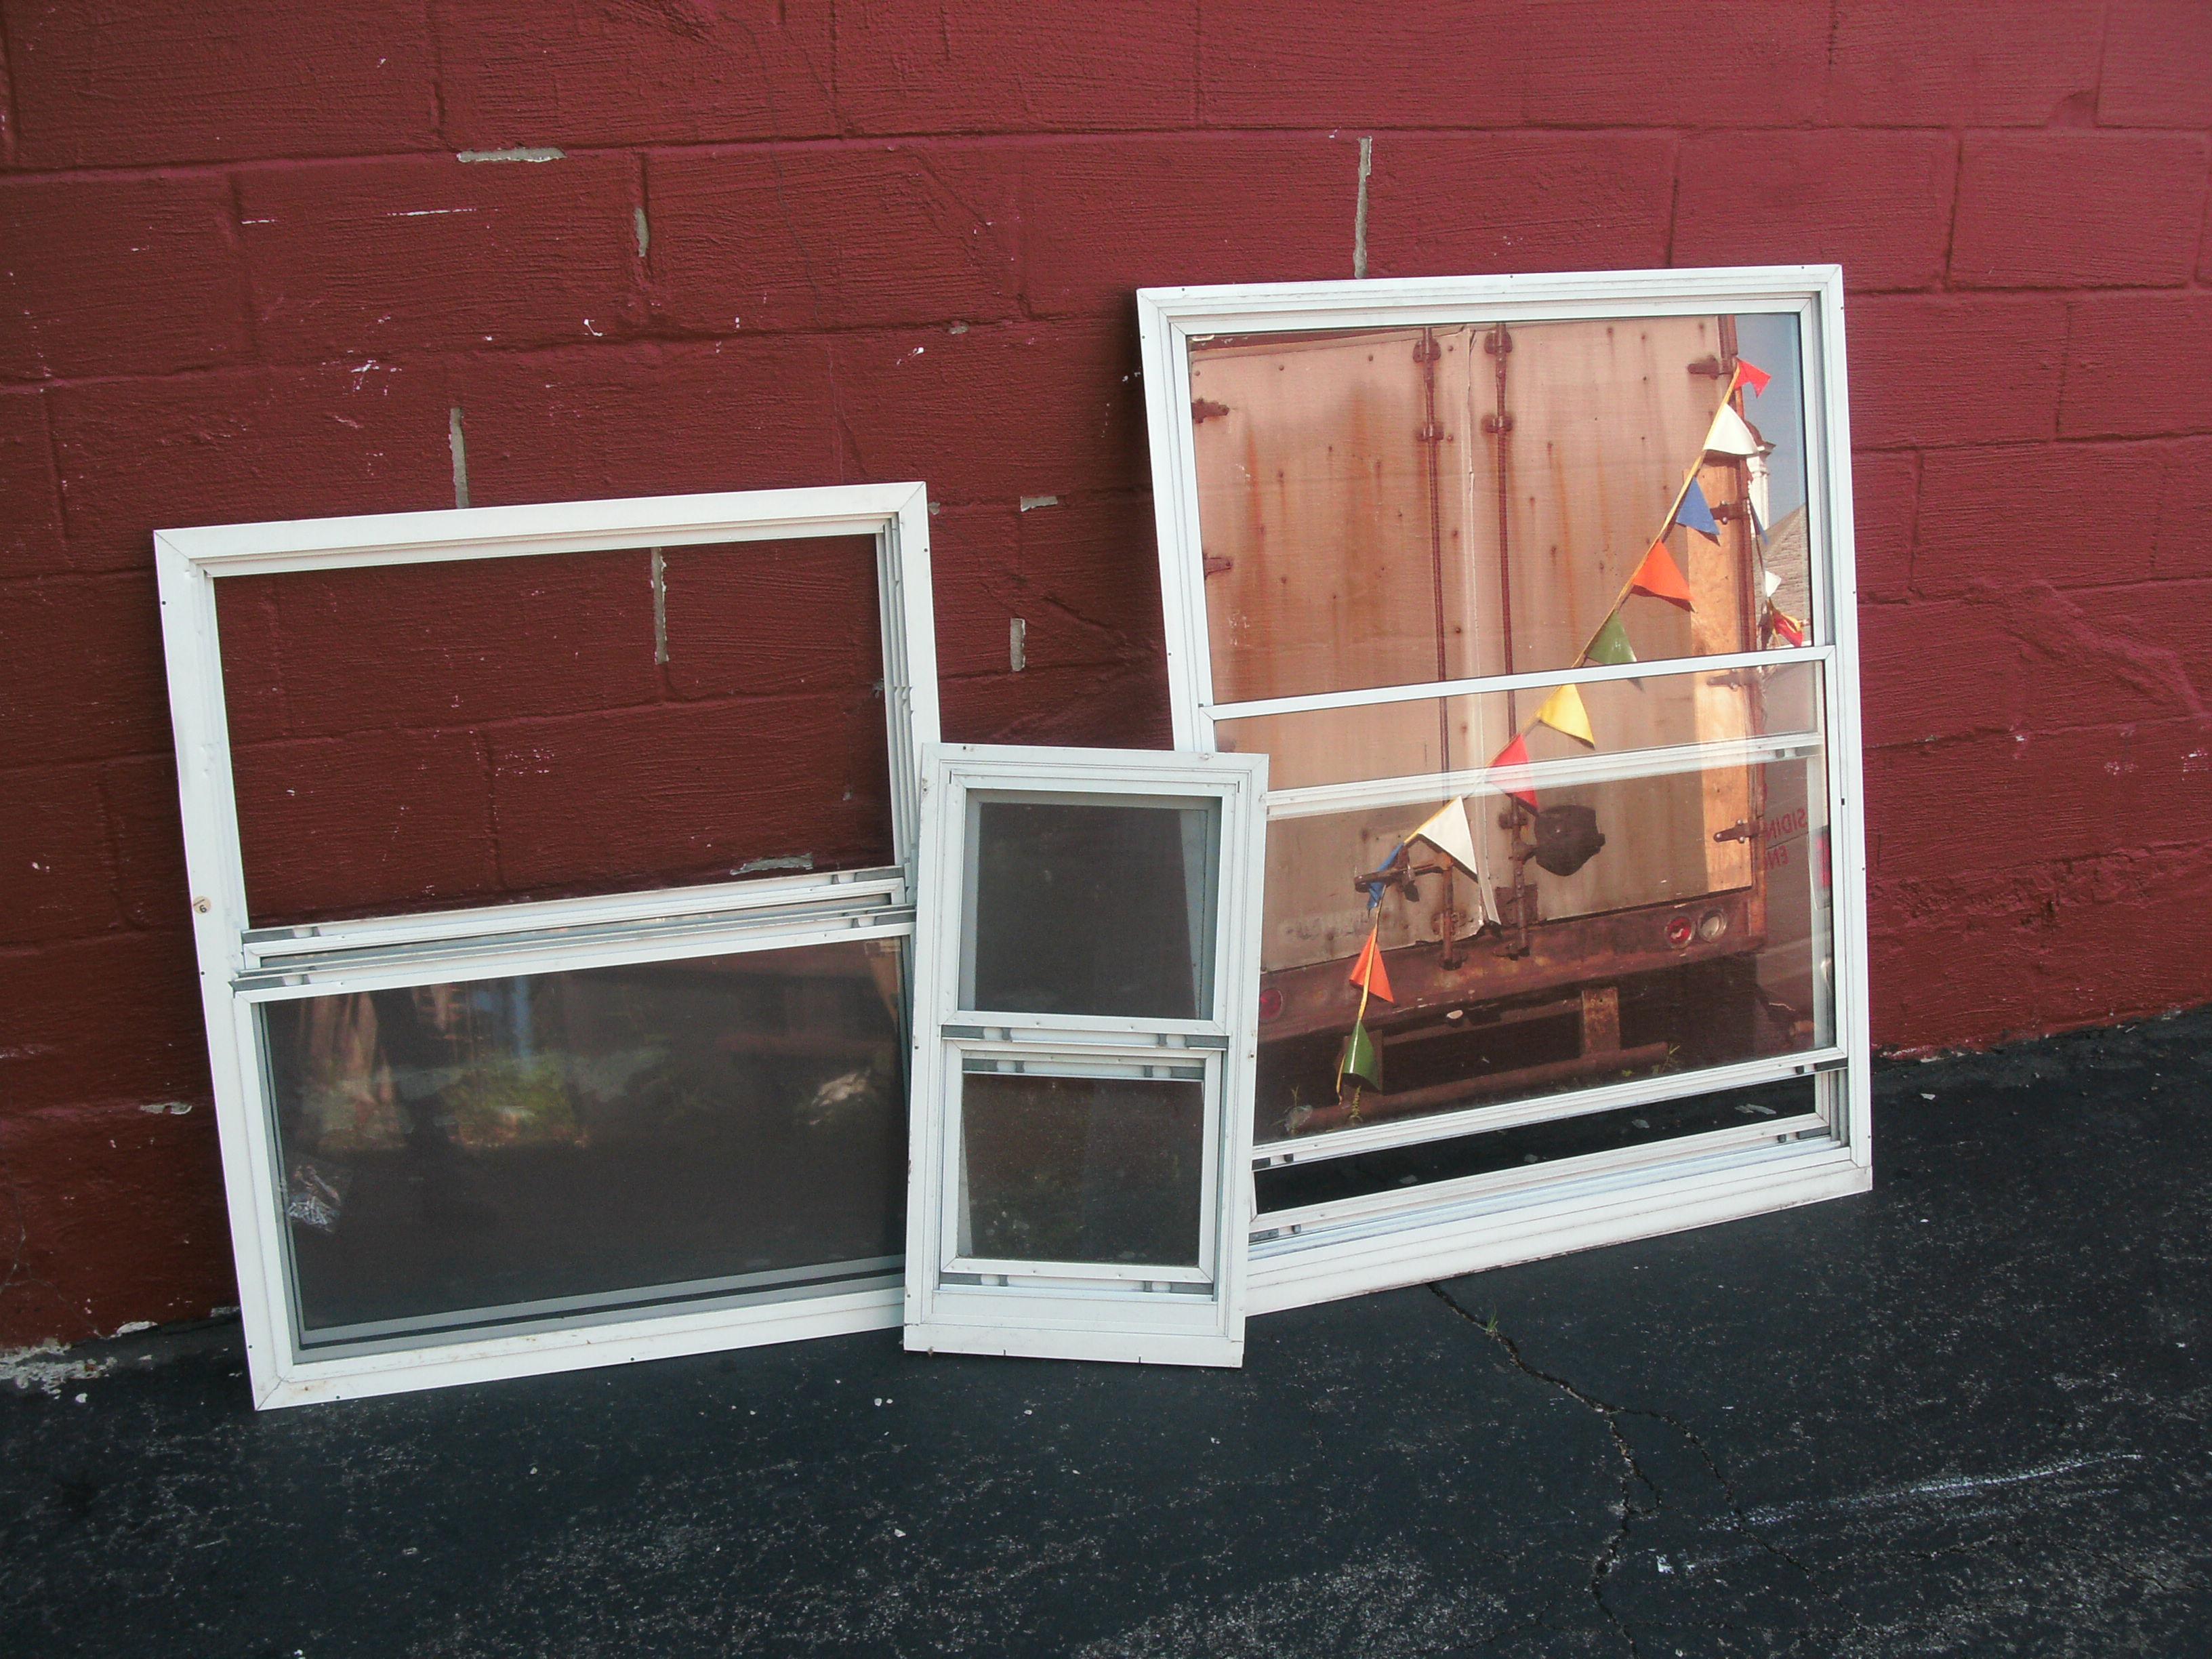 kas-kel replacement windows